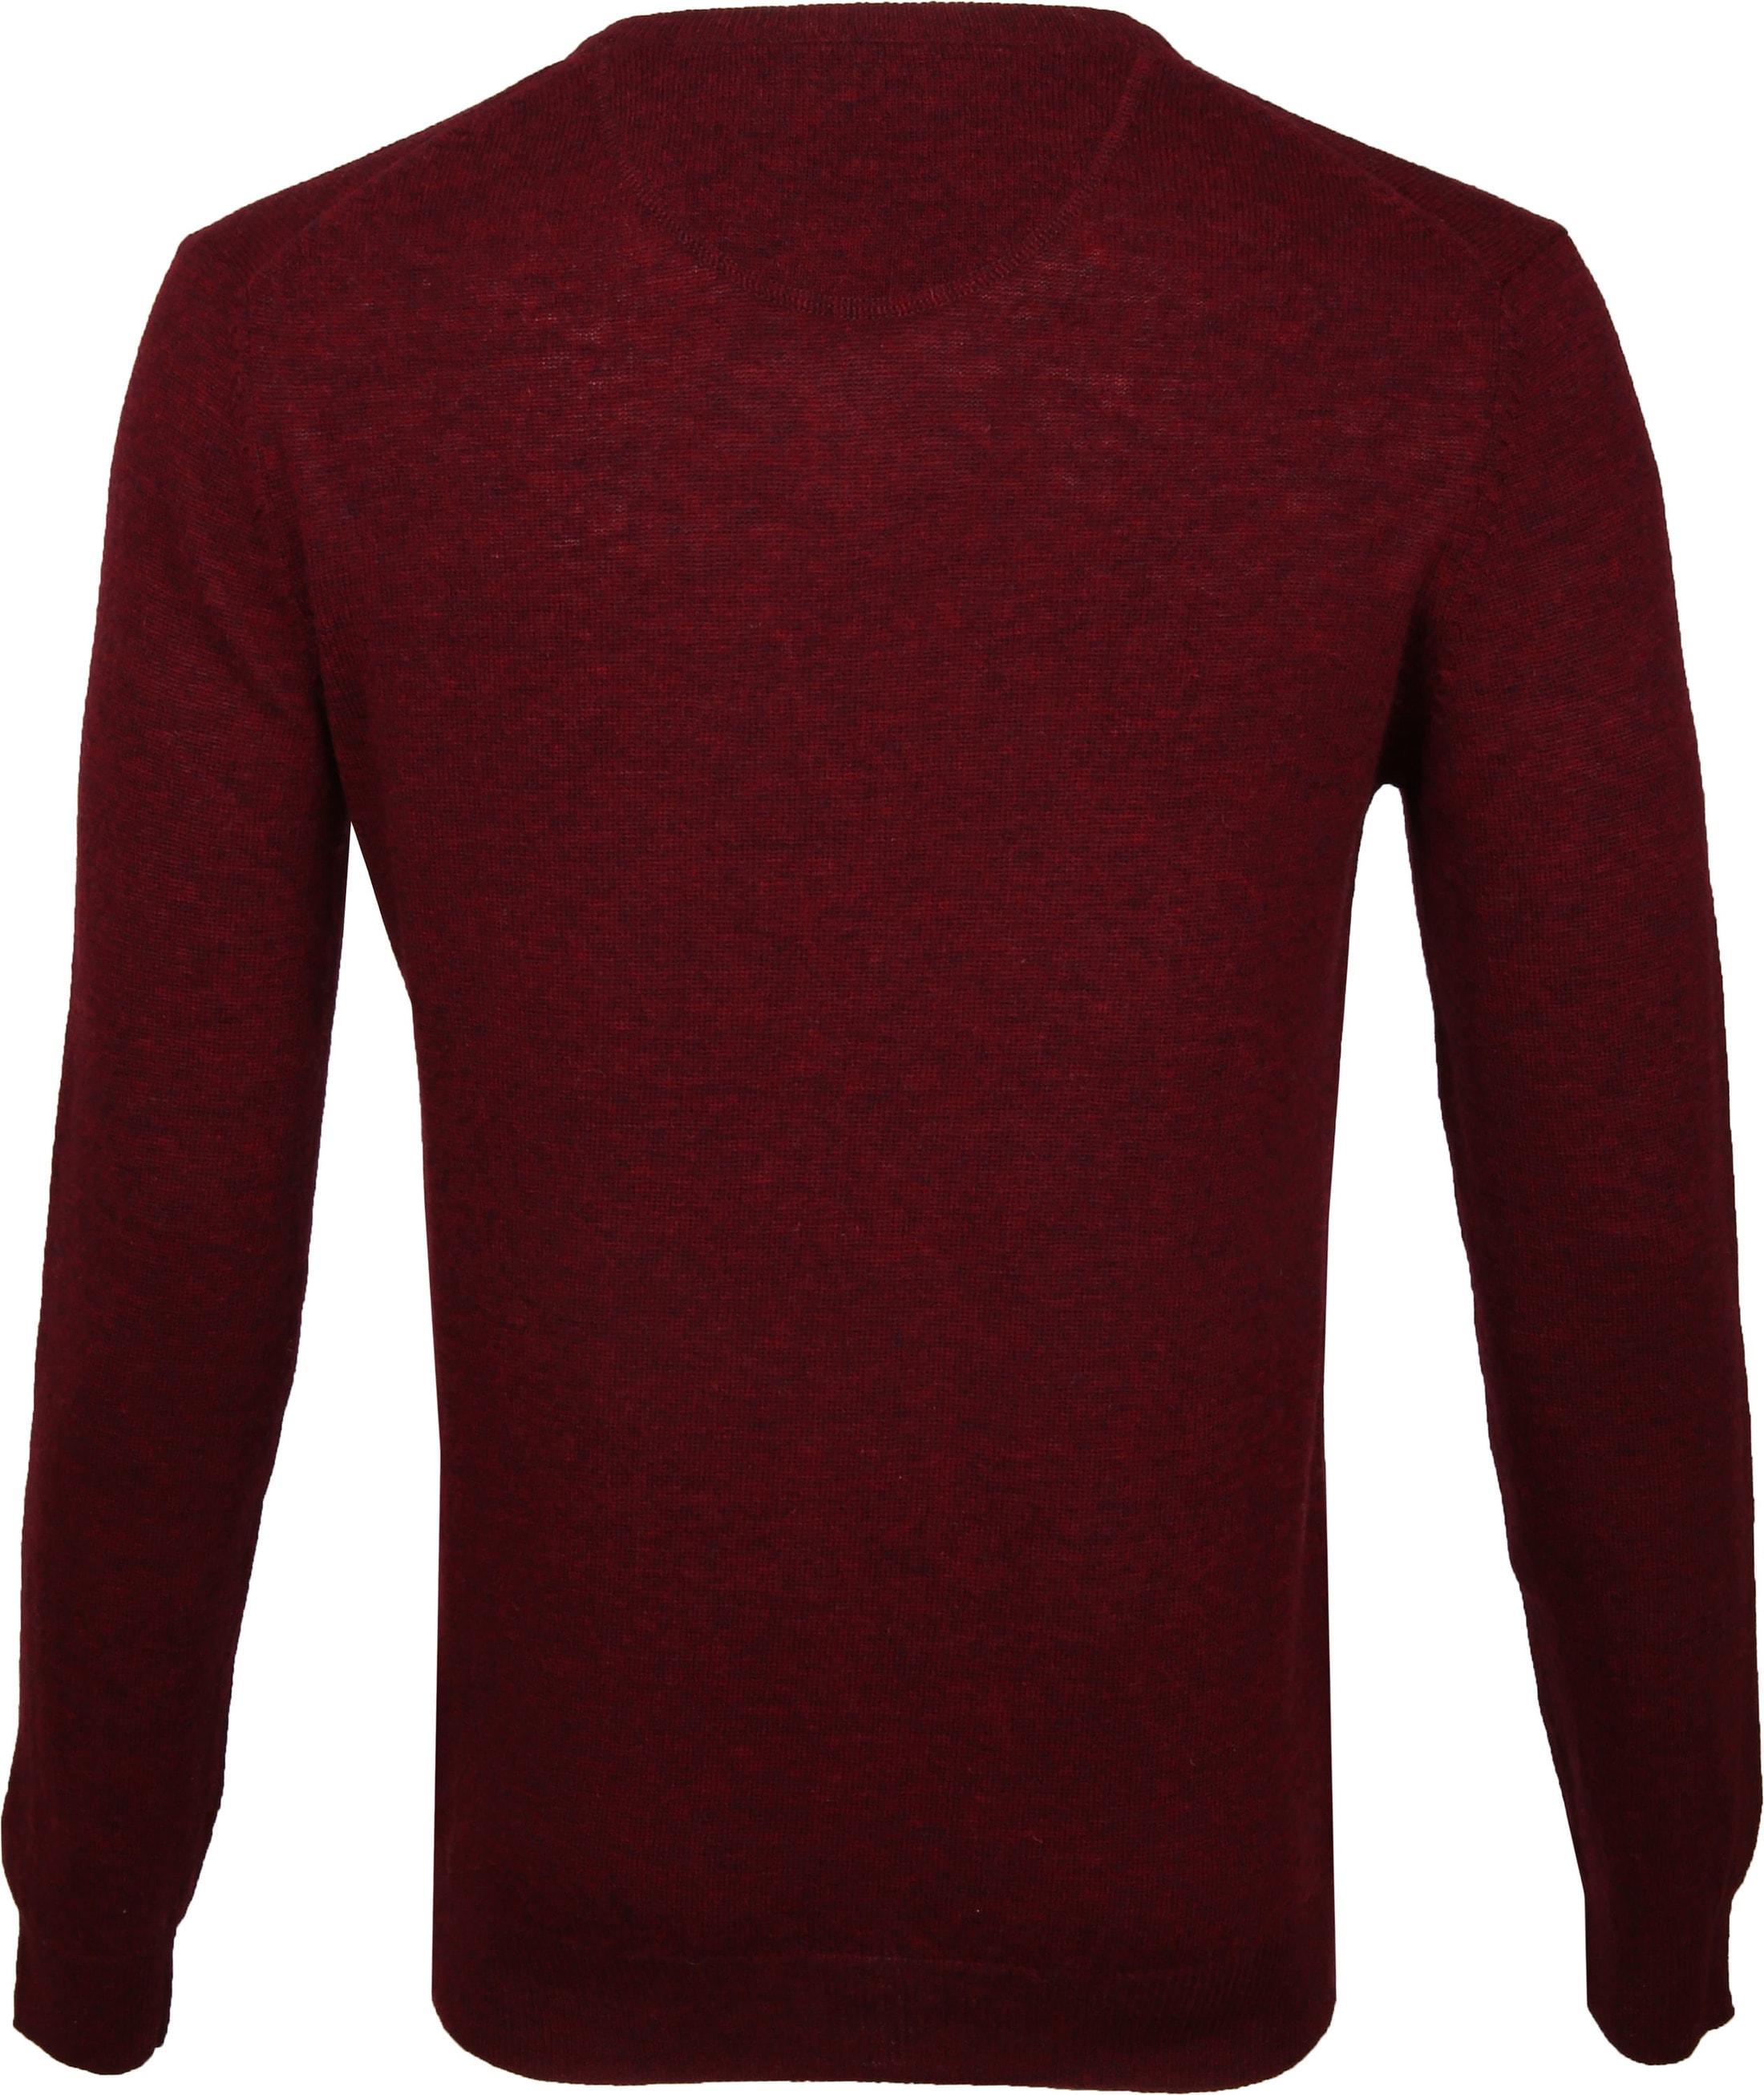 Suitable Pullover V-Hals Lamswol Bordeaux foto 4